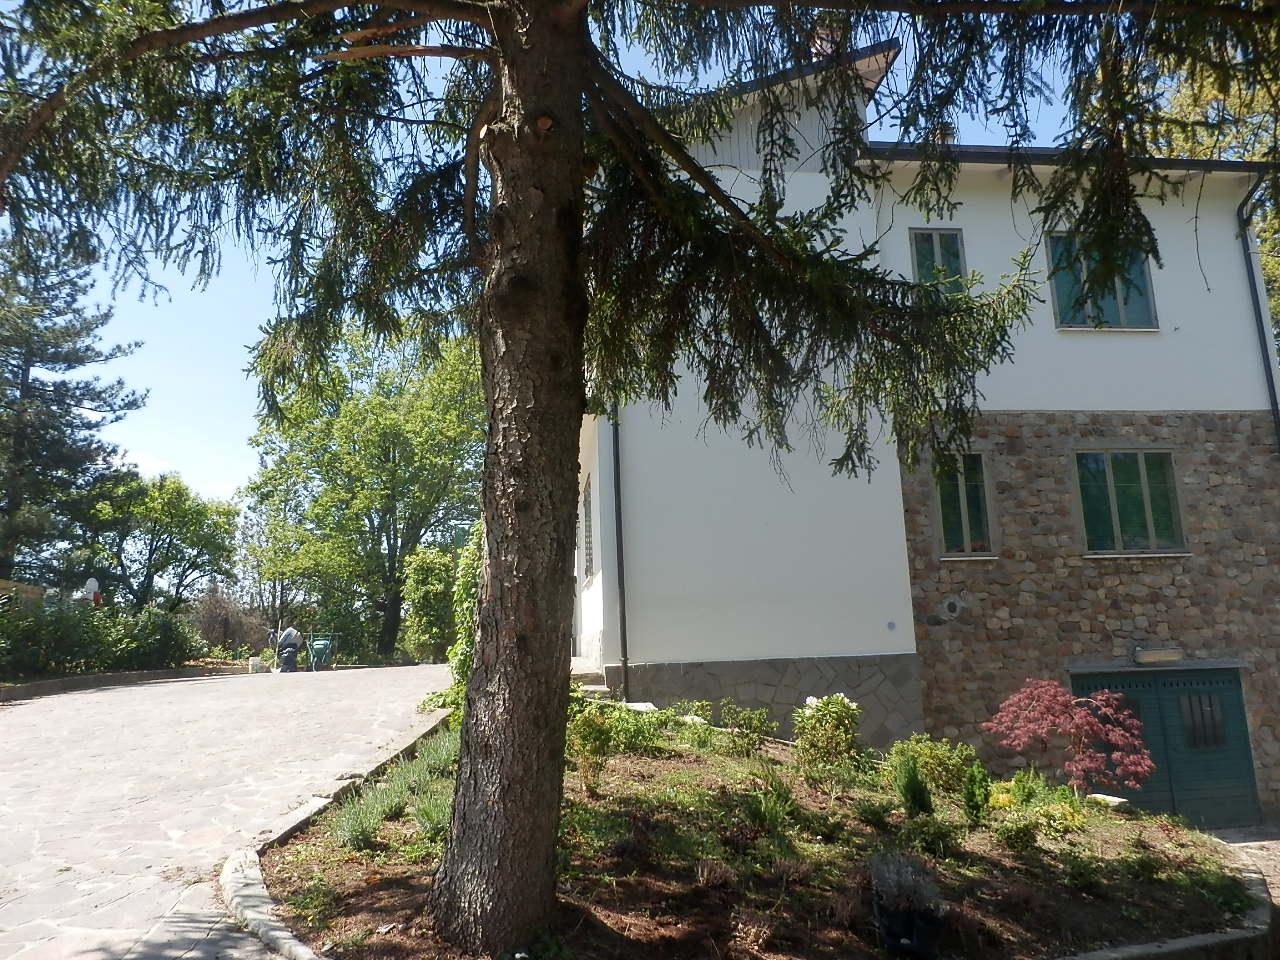 Affitto - Villa bifamiliare - Loiano - Loiano - € 650